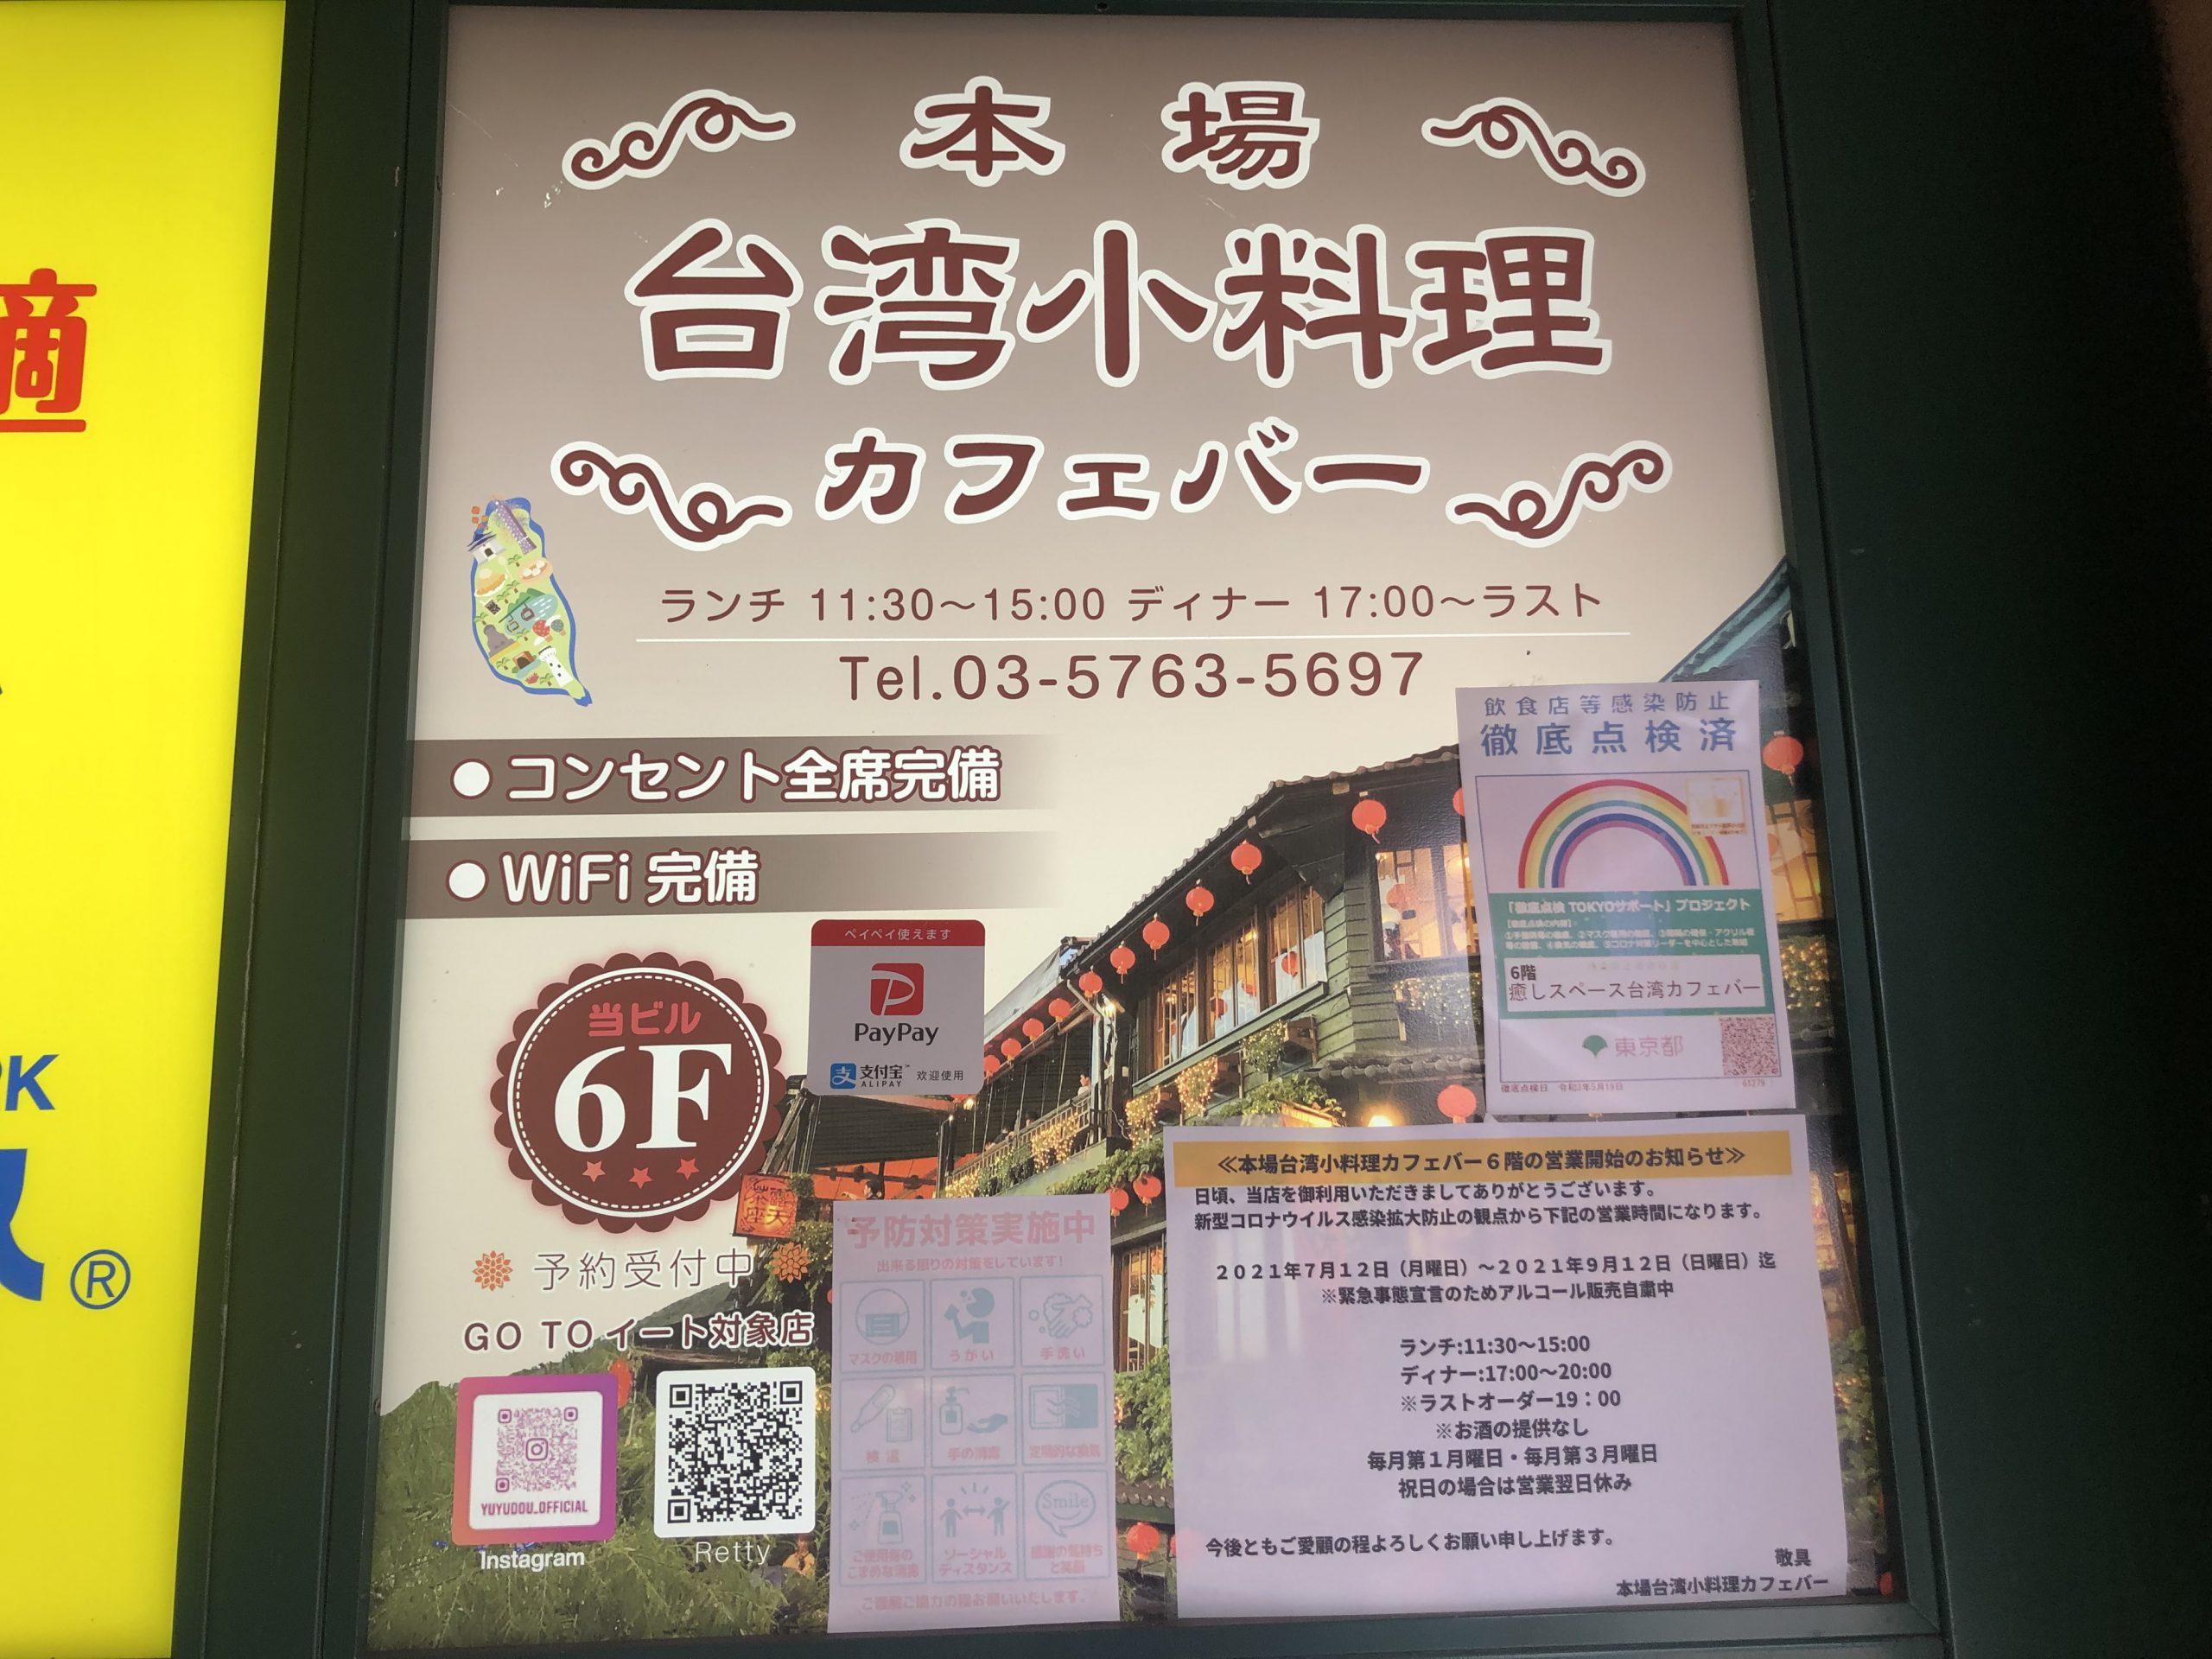 本場台湾小料理カフェバー